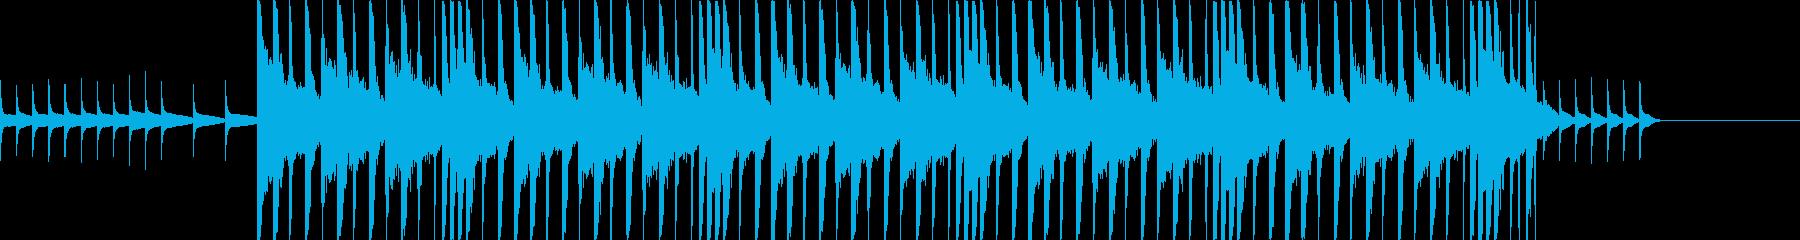 オルゴールの旋律がエモいの再生済みの波形